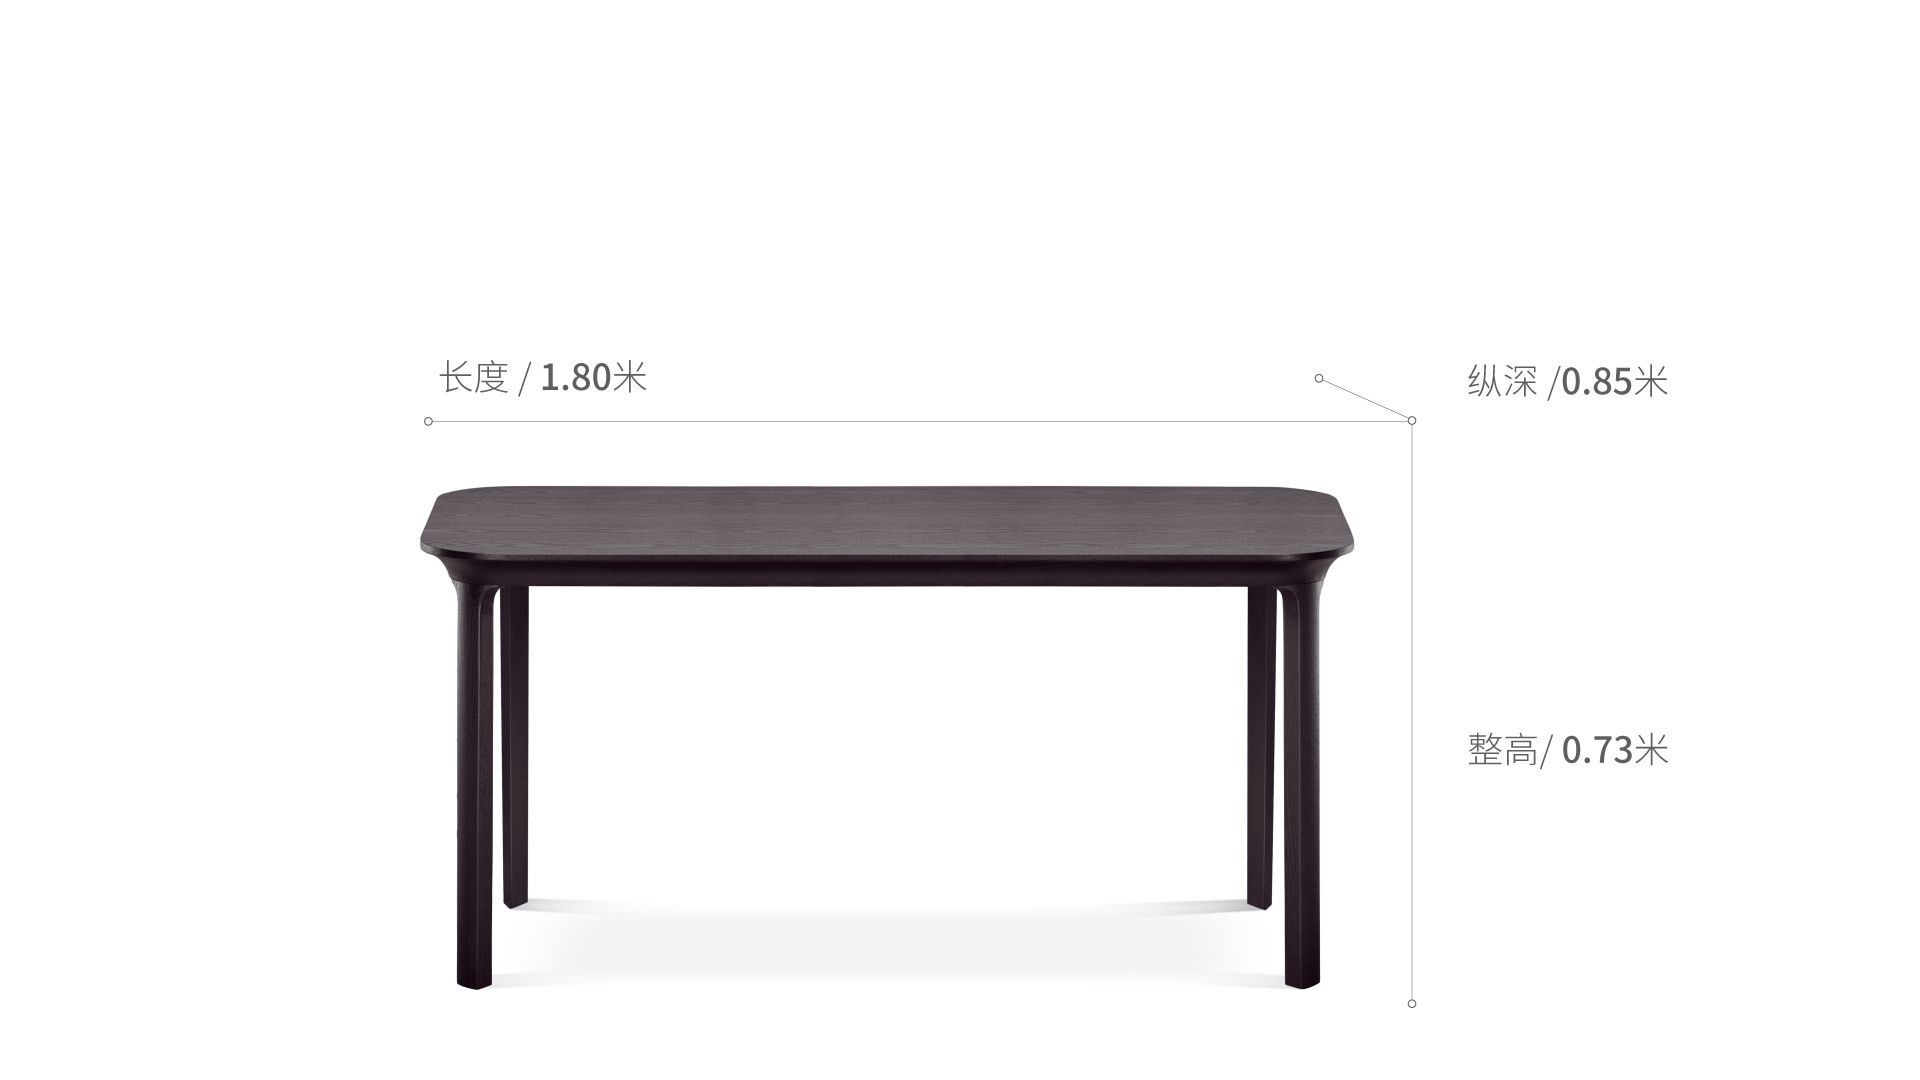 瓦檐餐桌1.8米长餐桌桌几效果图